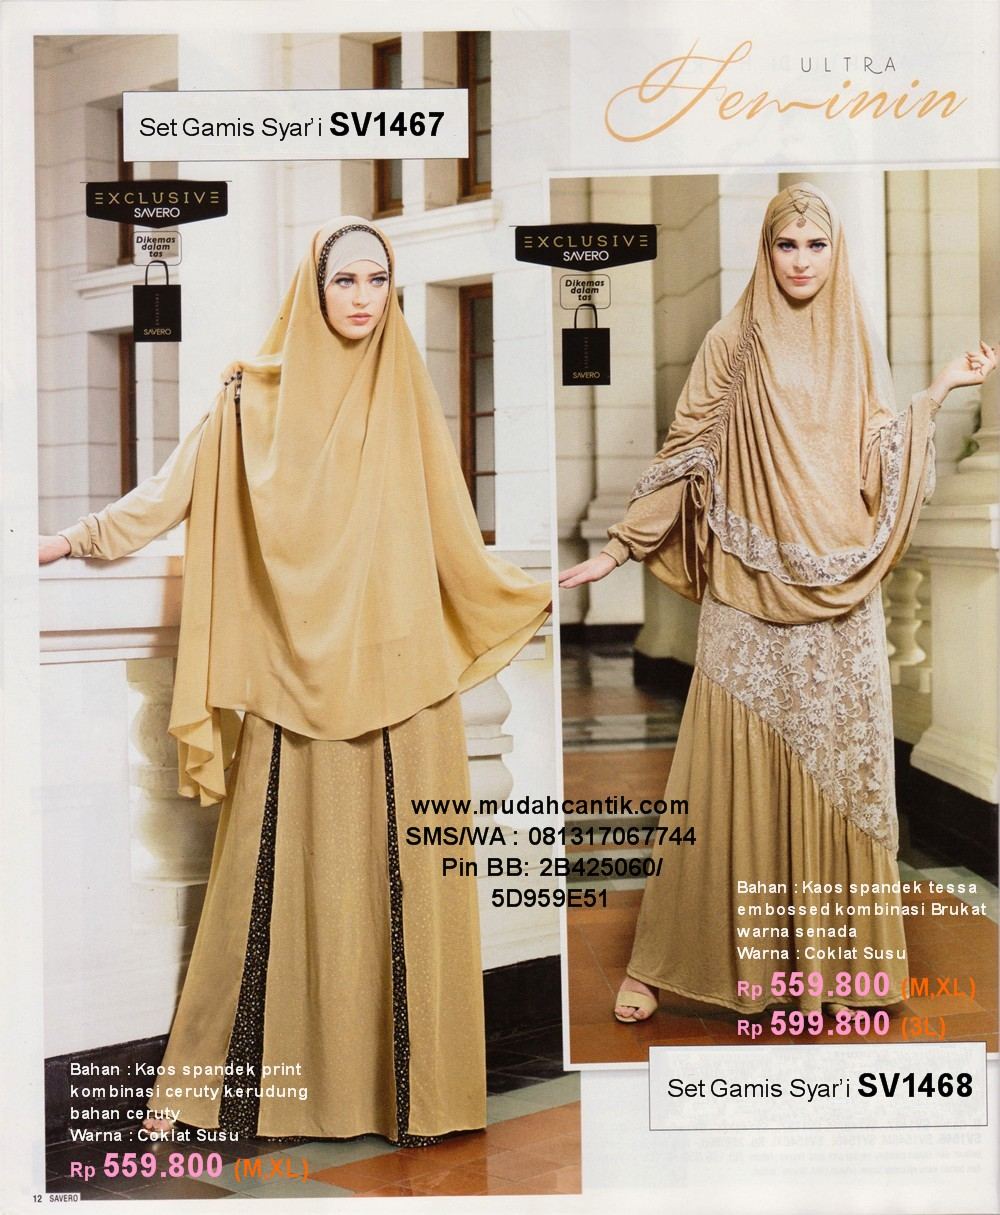 Butik Baju Muslim Terbaru 2018 Gamis Ukuran Besar Jumbo Untuk Bahan Kaos Anda Dengan Mudah Menemukan Koleksi Busana Dan Kami Terdiri Dari Blus Atasan Tunik